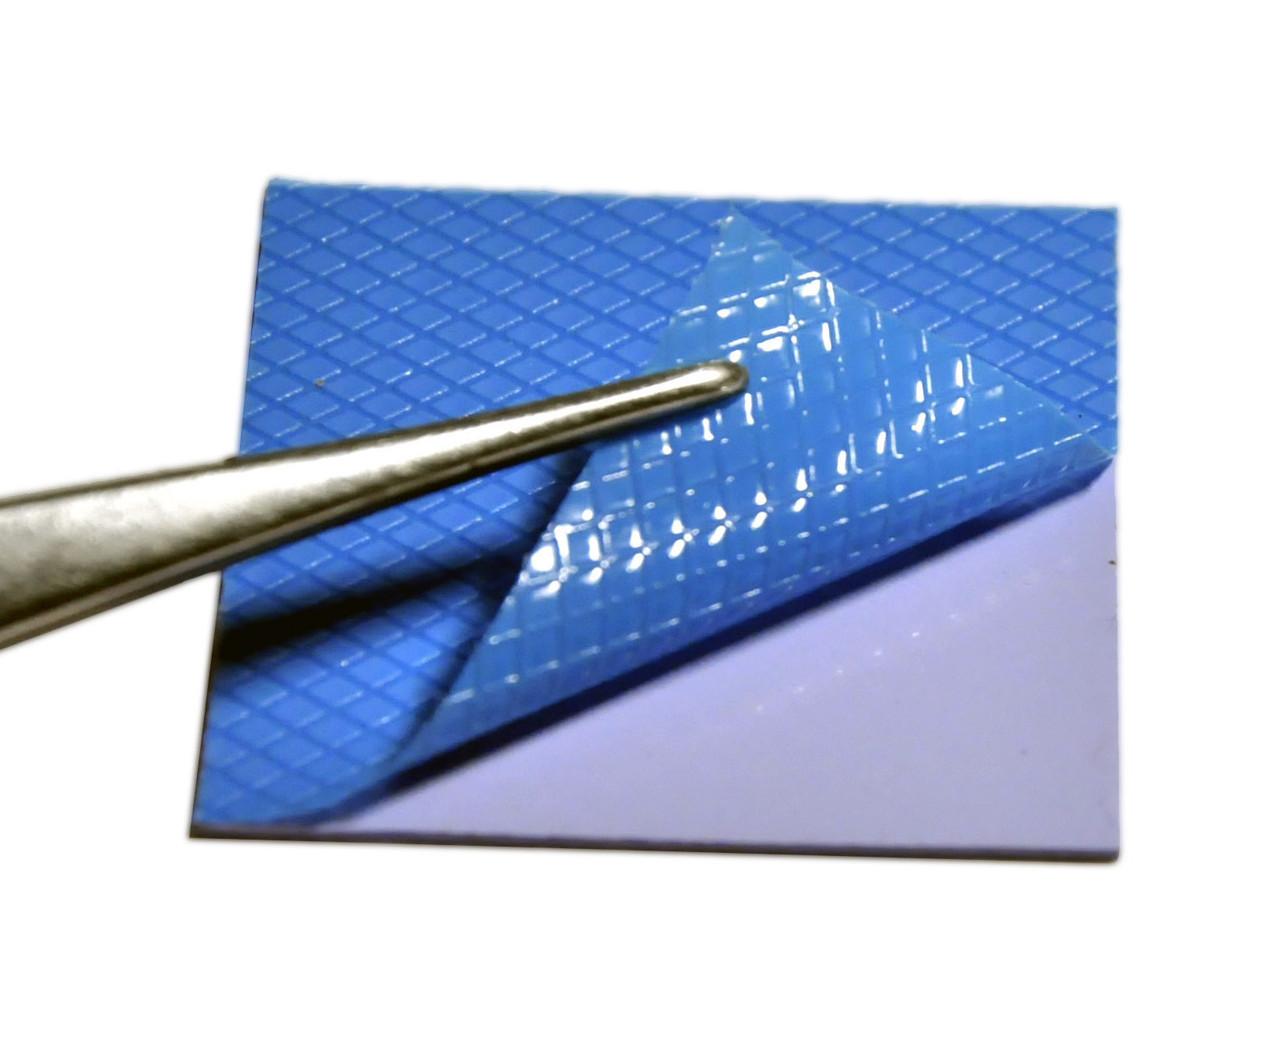 Термопрокладка 3KS 3K600 B24 1.0мм 50x50 синяя 6 Вт/м*К термоинтерфейс для ноутбука (TPr-3K6W-B24)